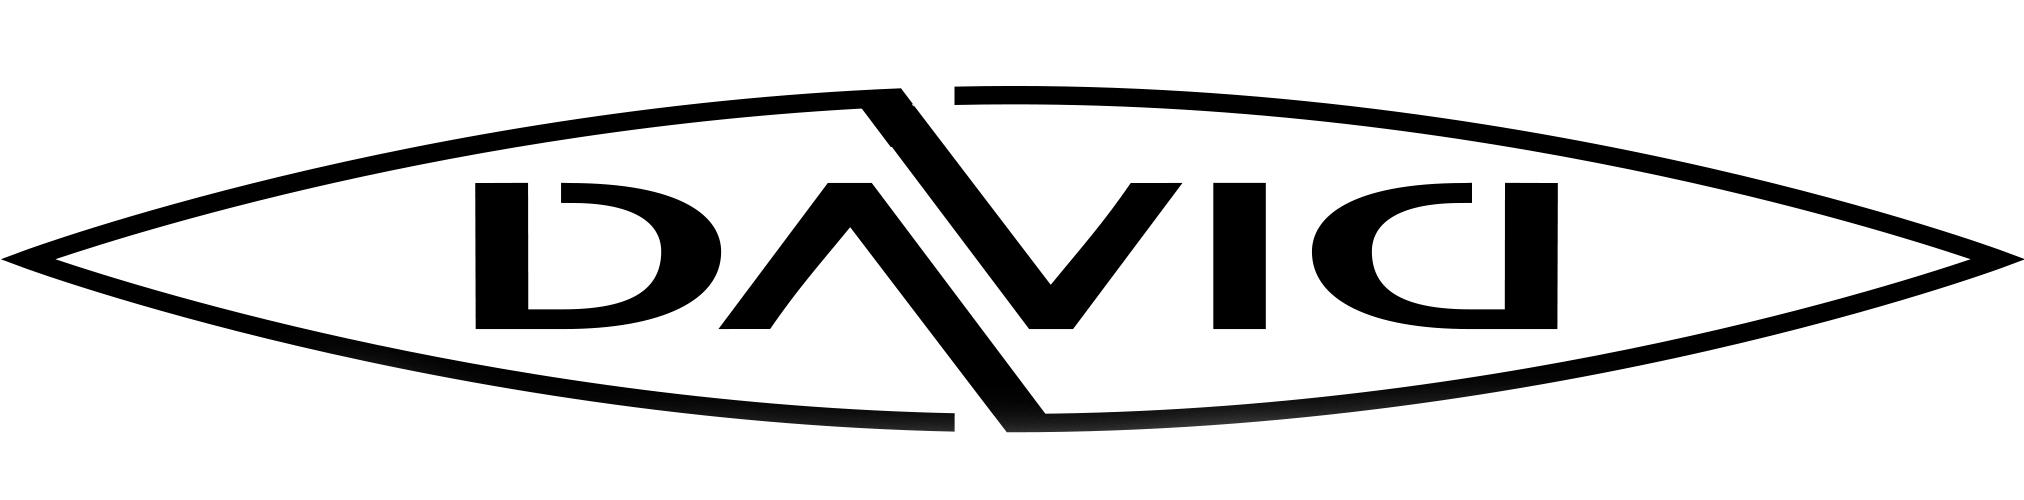 David Ivens Metalwork logo